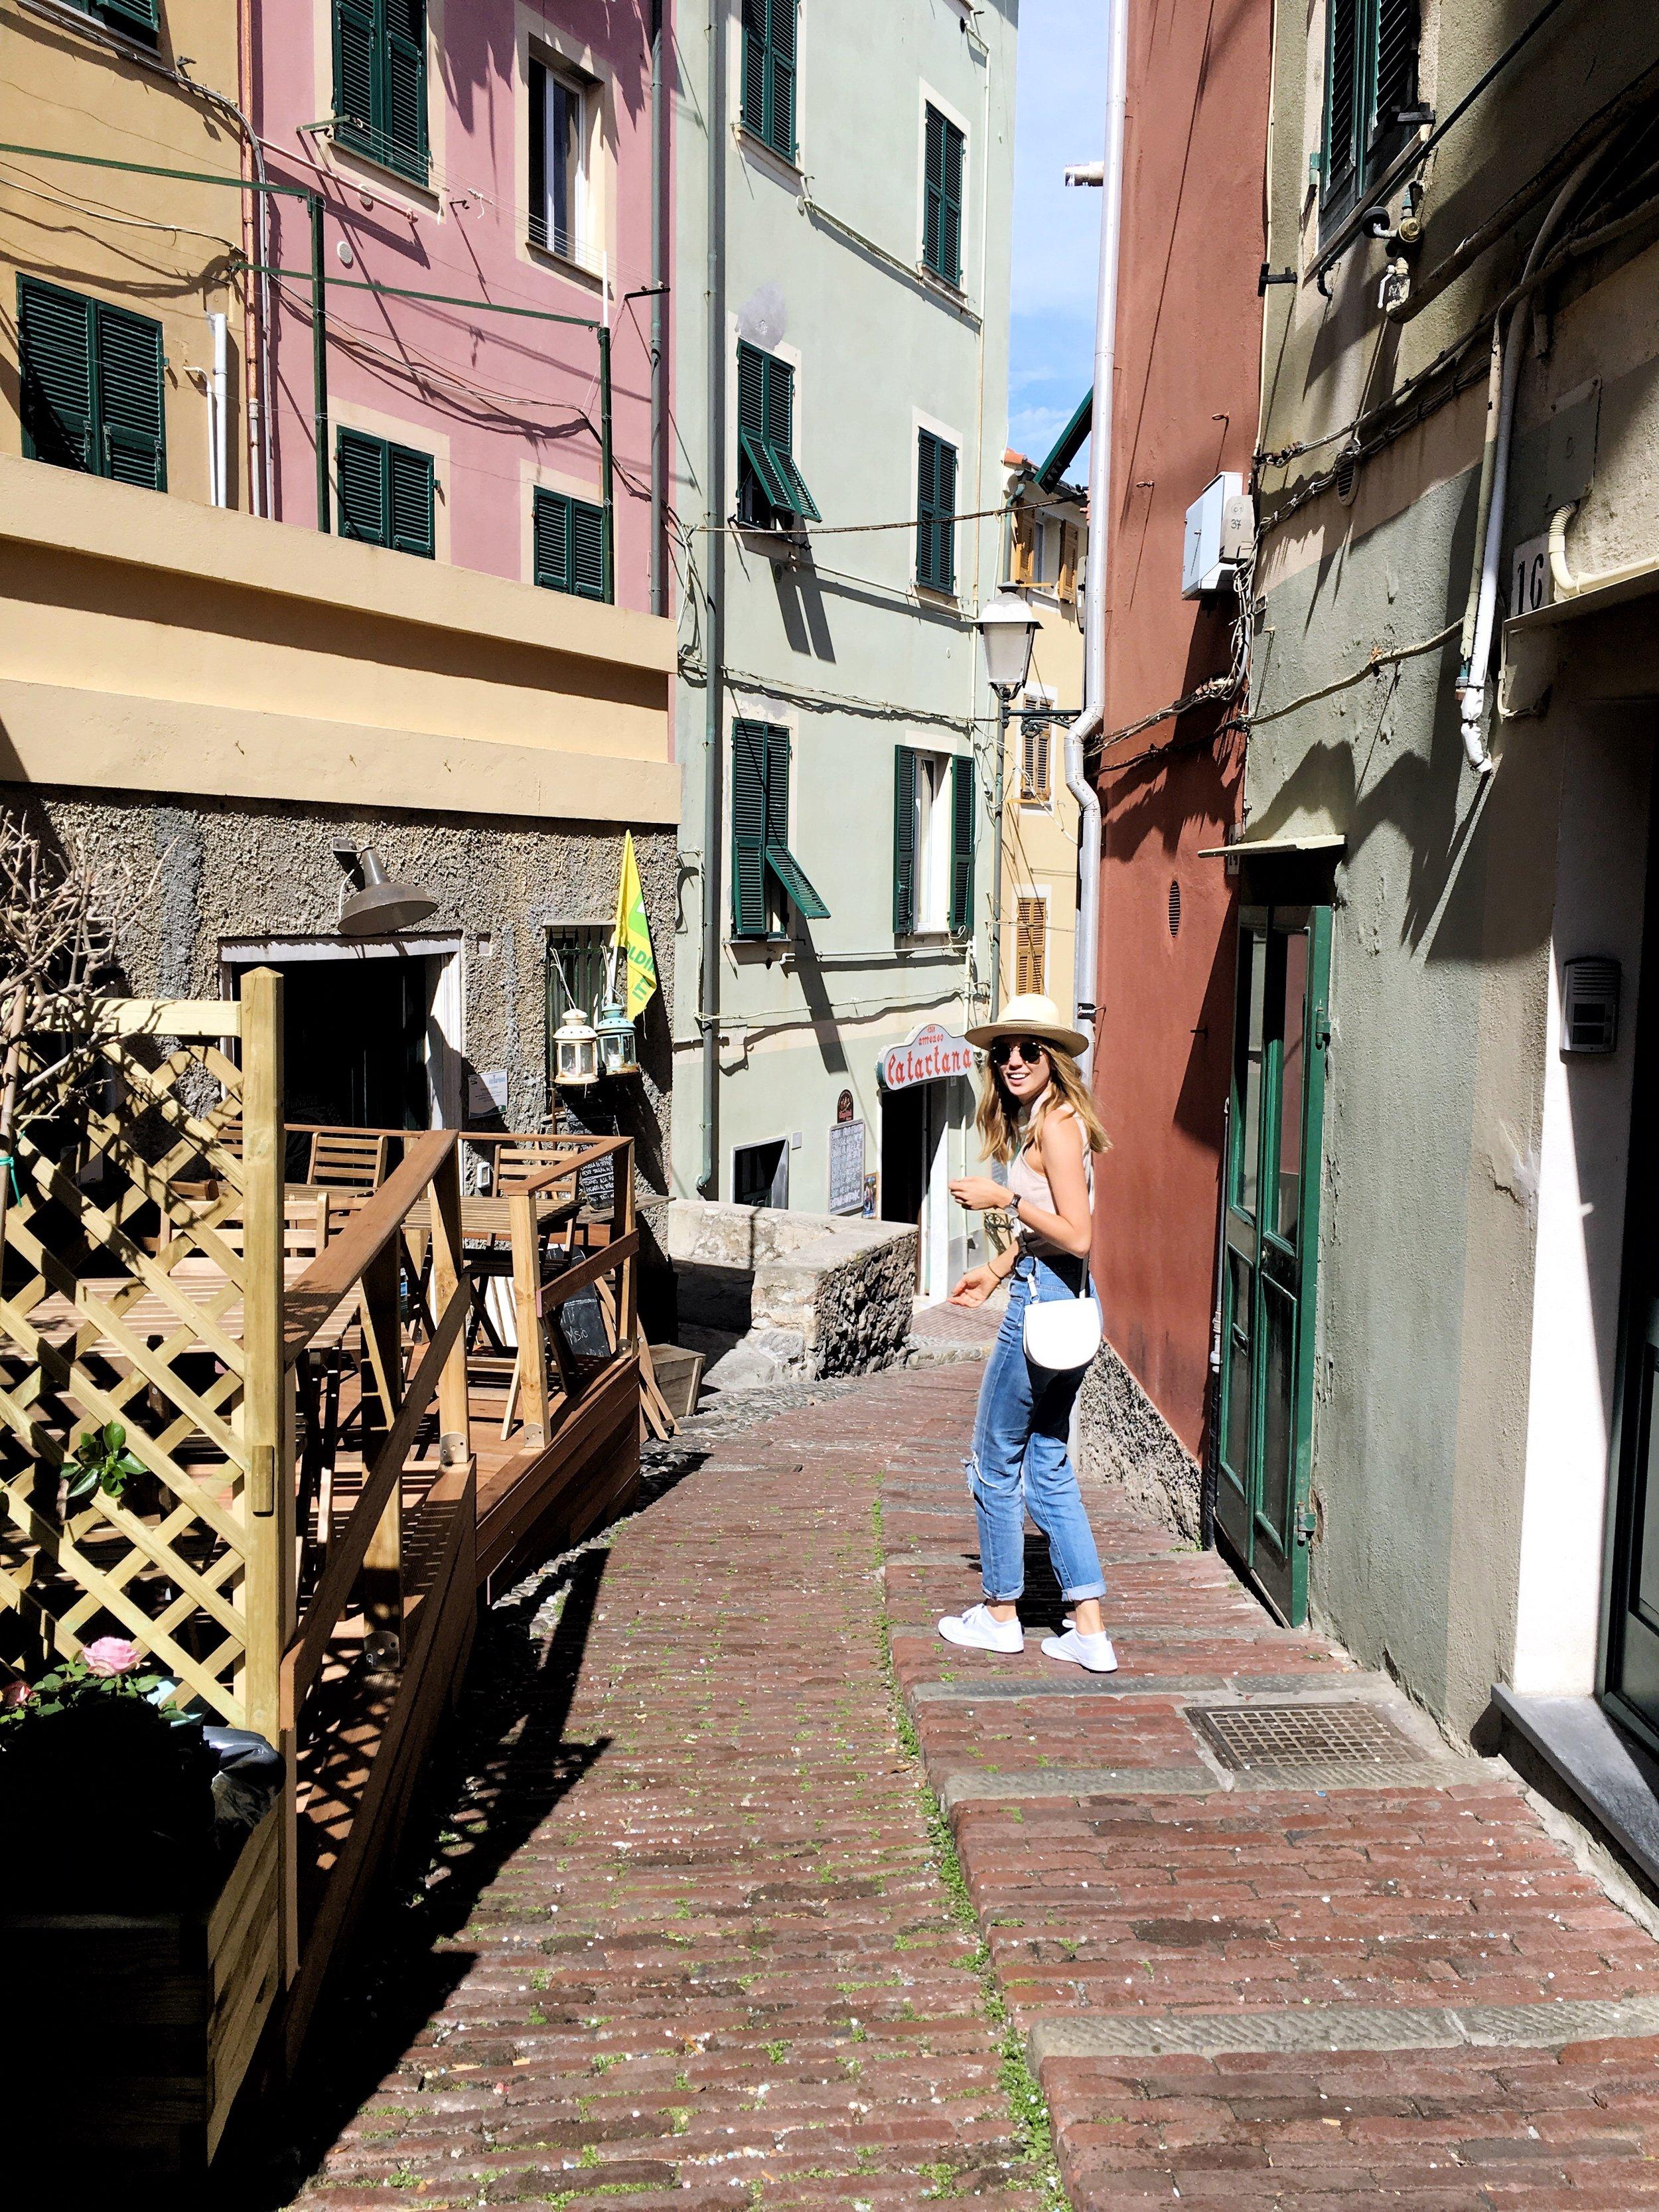 In search of gelato in Genova, Italy